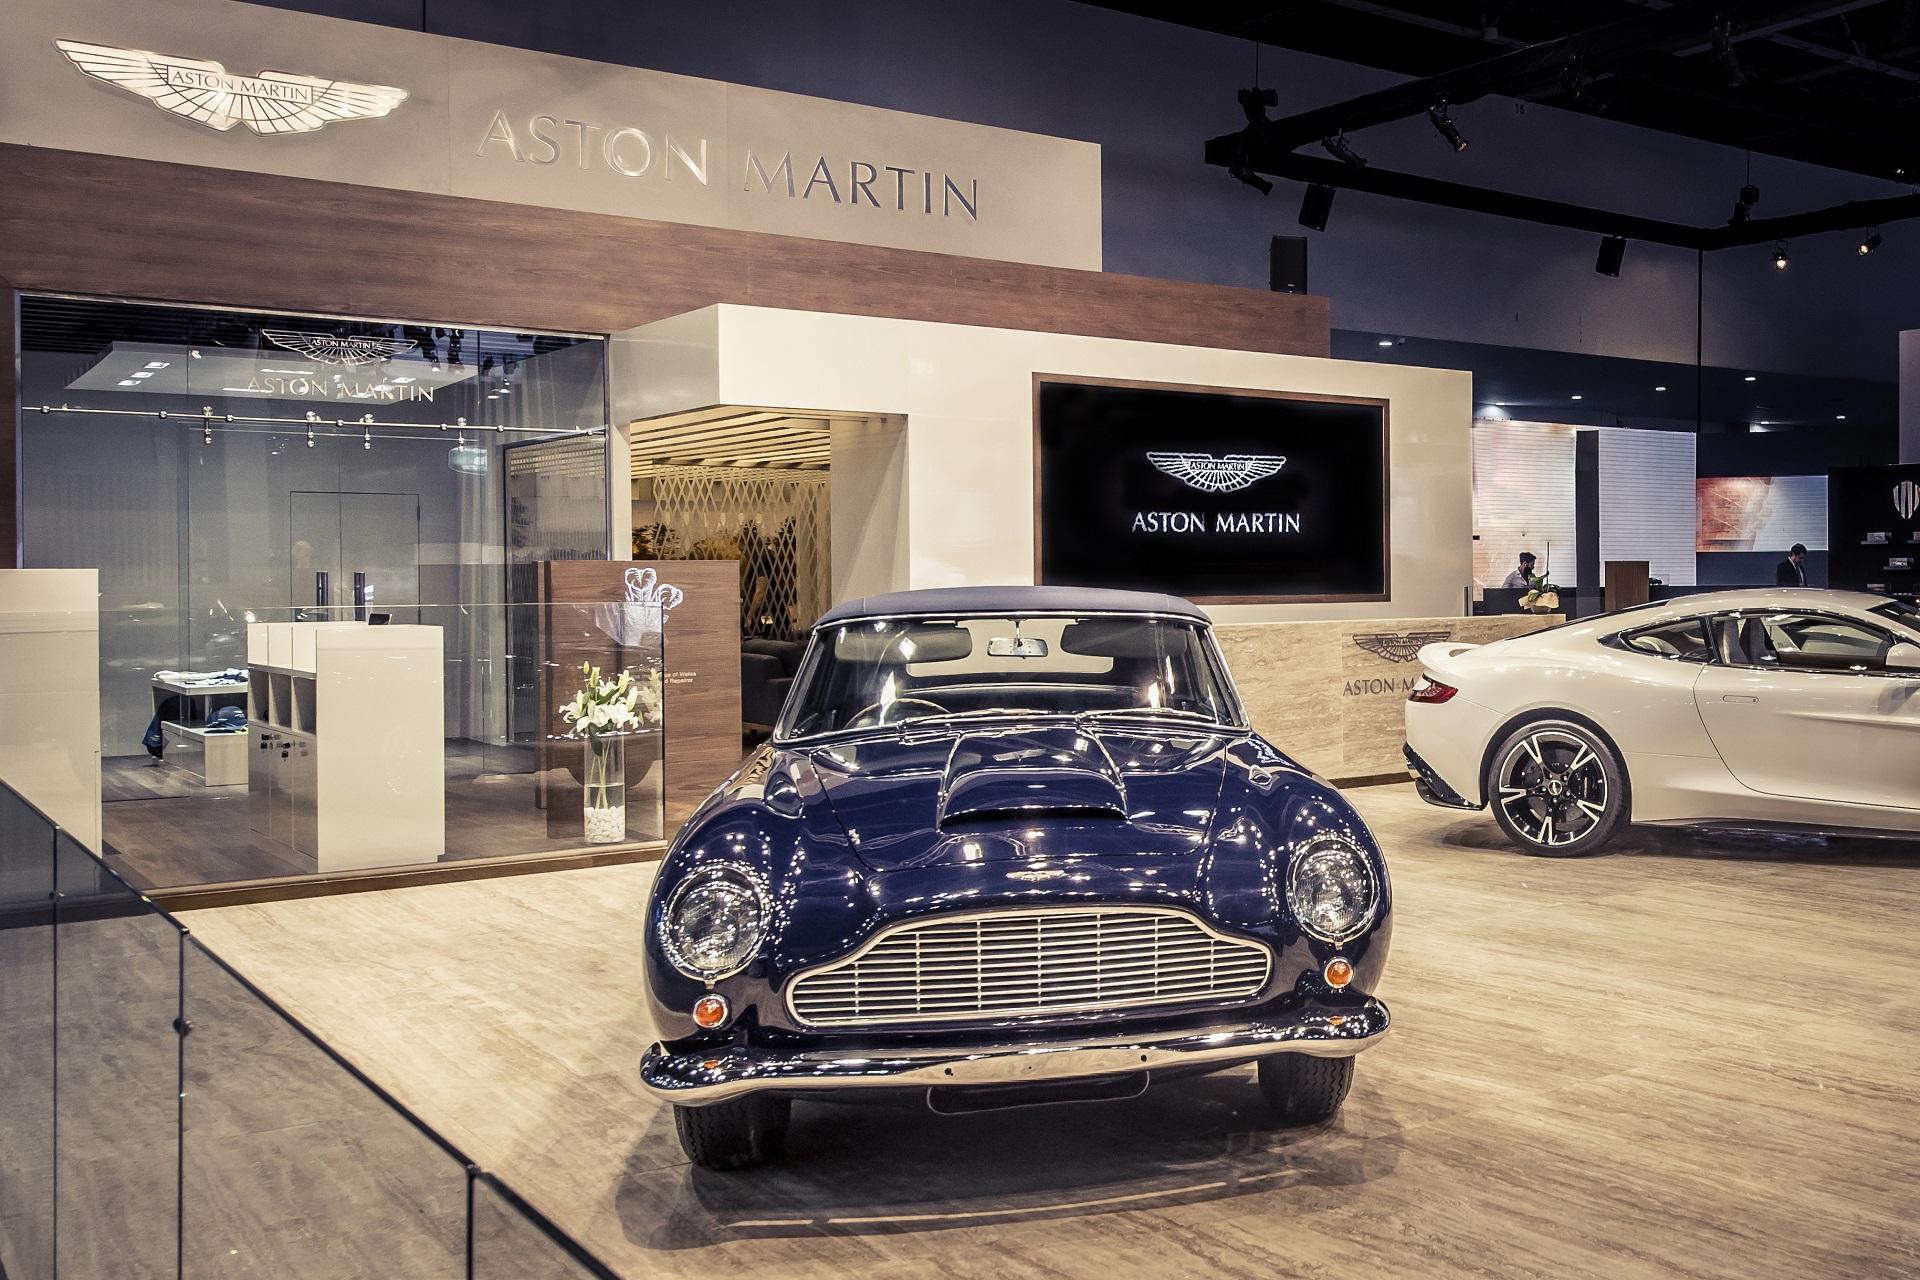 DB11超级跑车热销助阿斯顿马丁前9个月销售大涨 84%,连续11个季度业绩超过预期